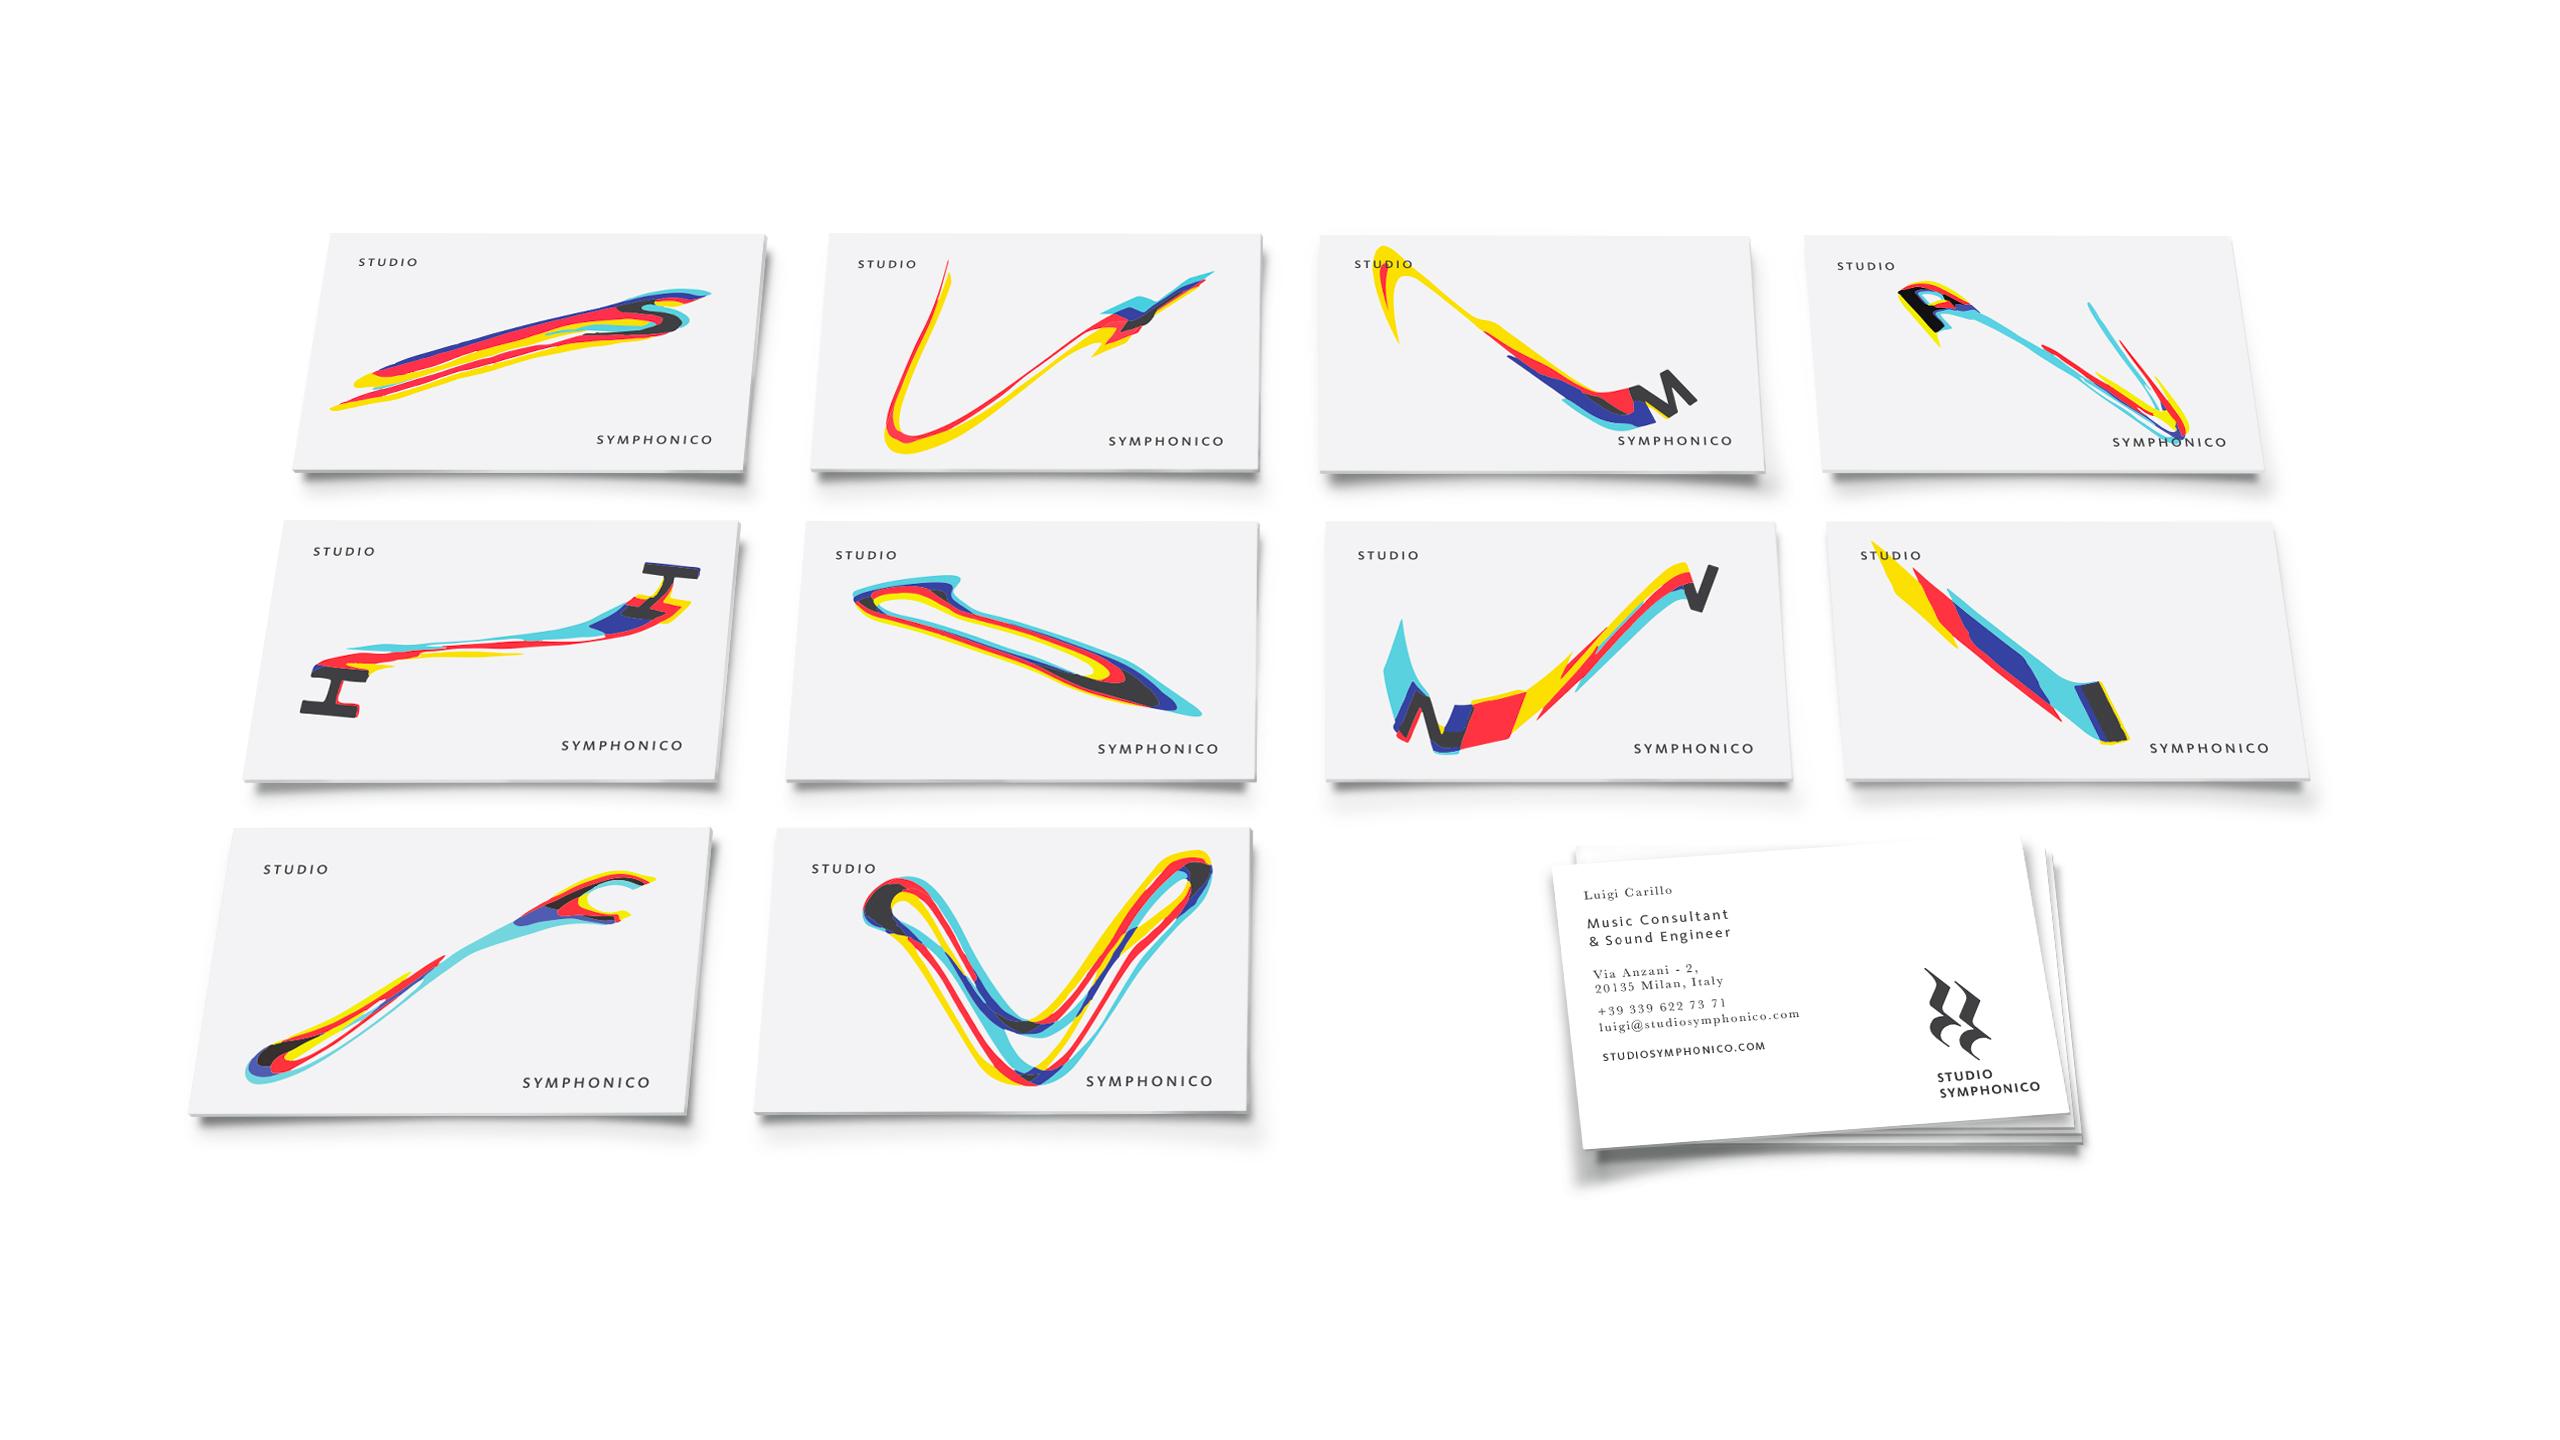 5_buisness-card_SYMPHONICO_DROGHERIA_STUDIO